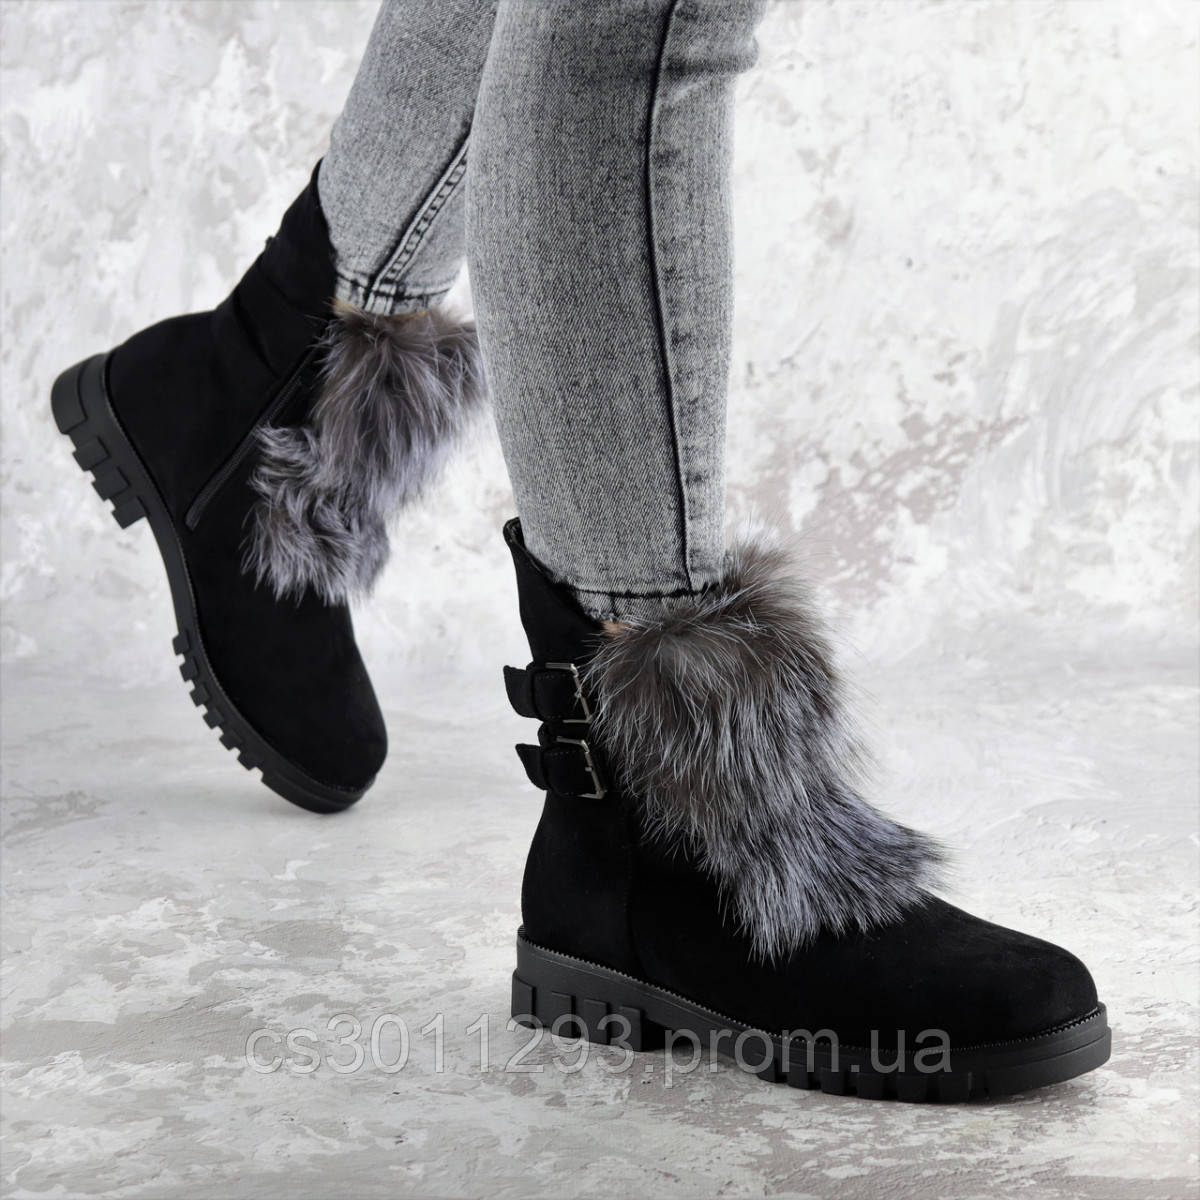 Ботинки женские зимние Fashion Beast 2334 36 размер 23,5 см Черный